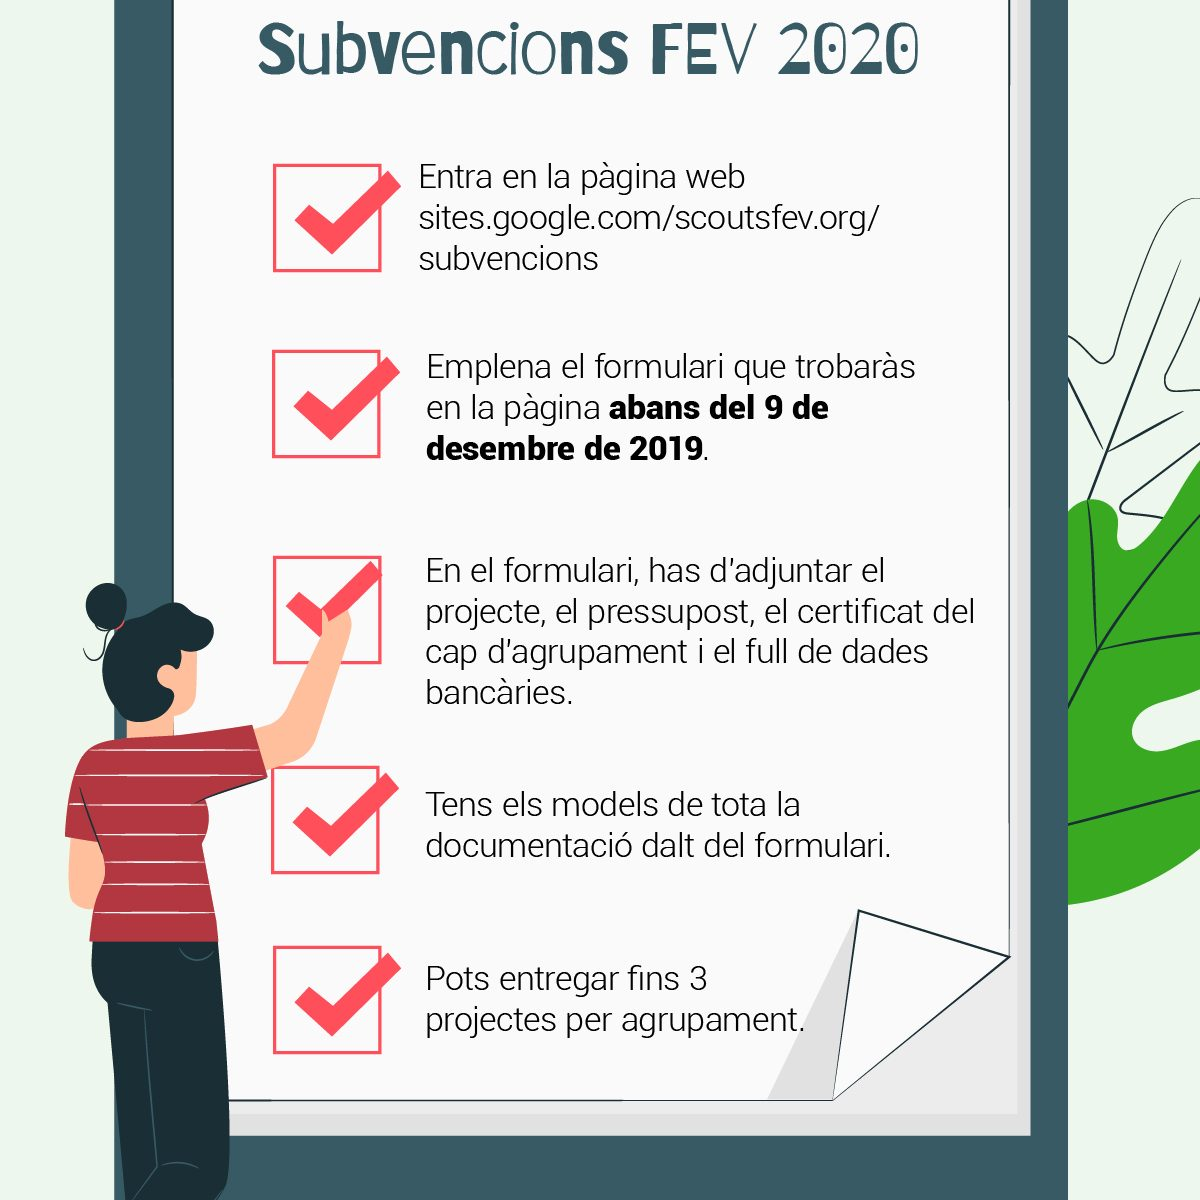 Subvenció FEV 2020